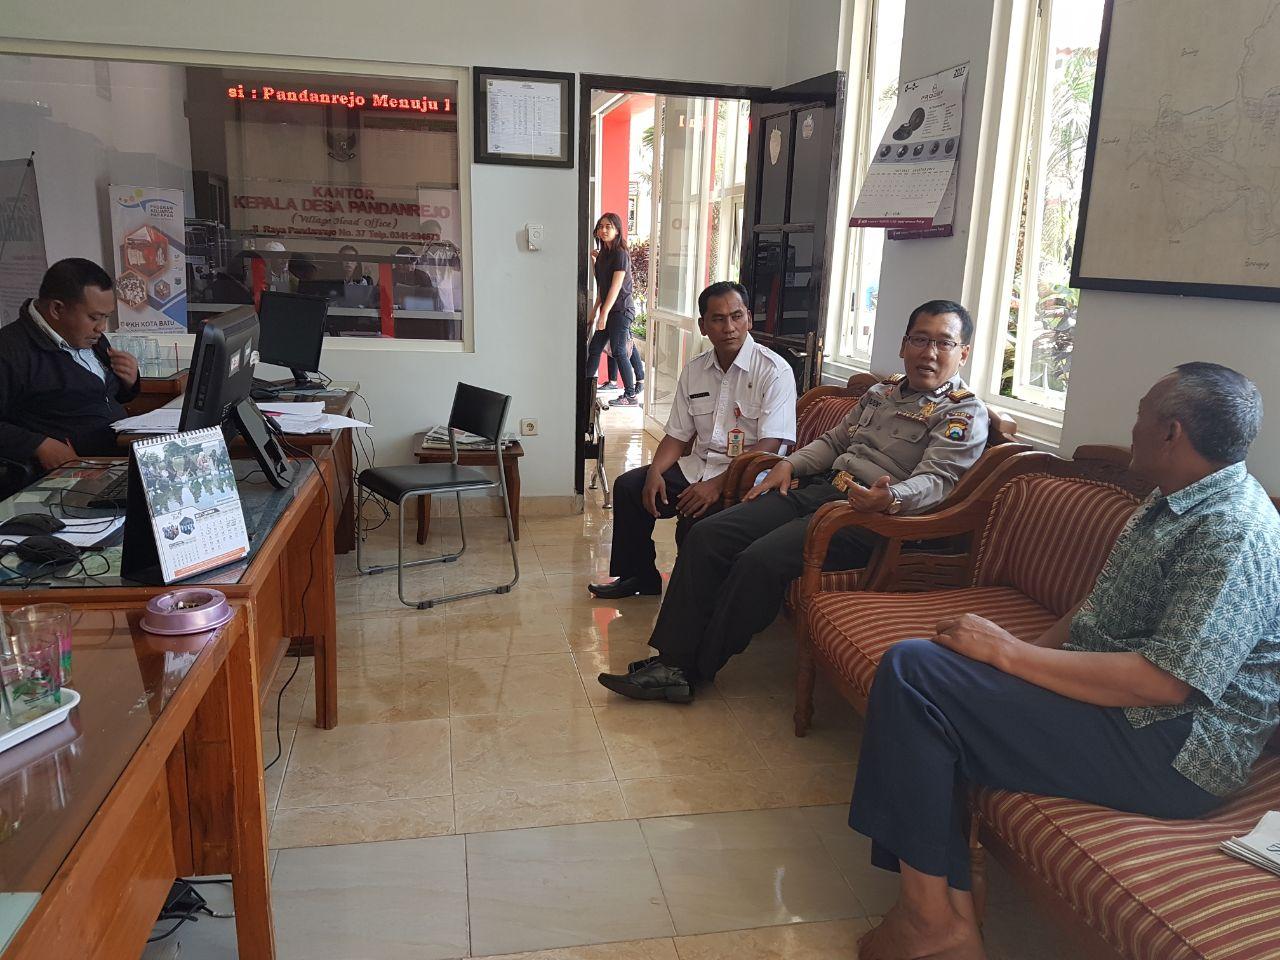 Kapolsek Bumiaji Polres Batu Lakukan Sambang Berikan Asistensi Tentang Penyerapan Anggaran di Kantor Desa Pandanrejo Kecamatan Bumiaji